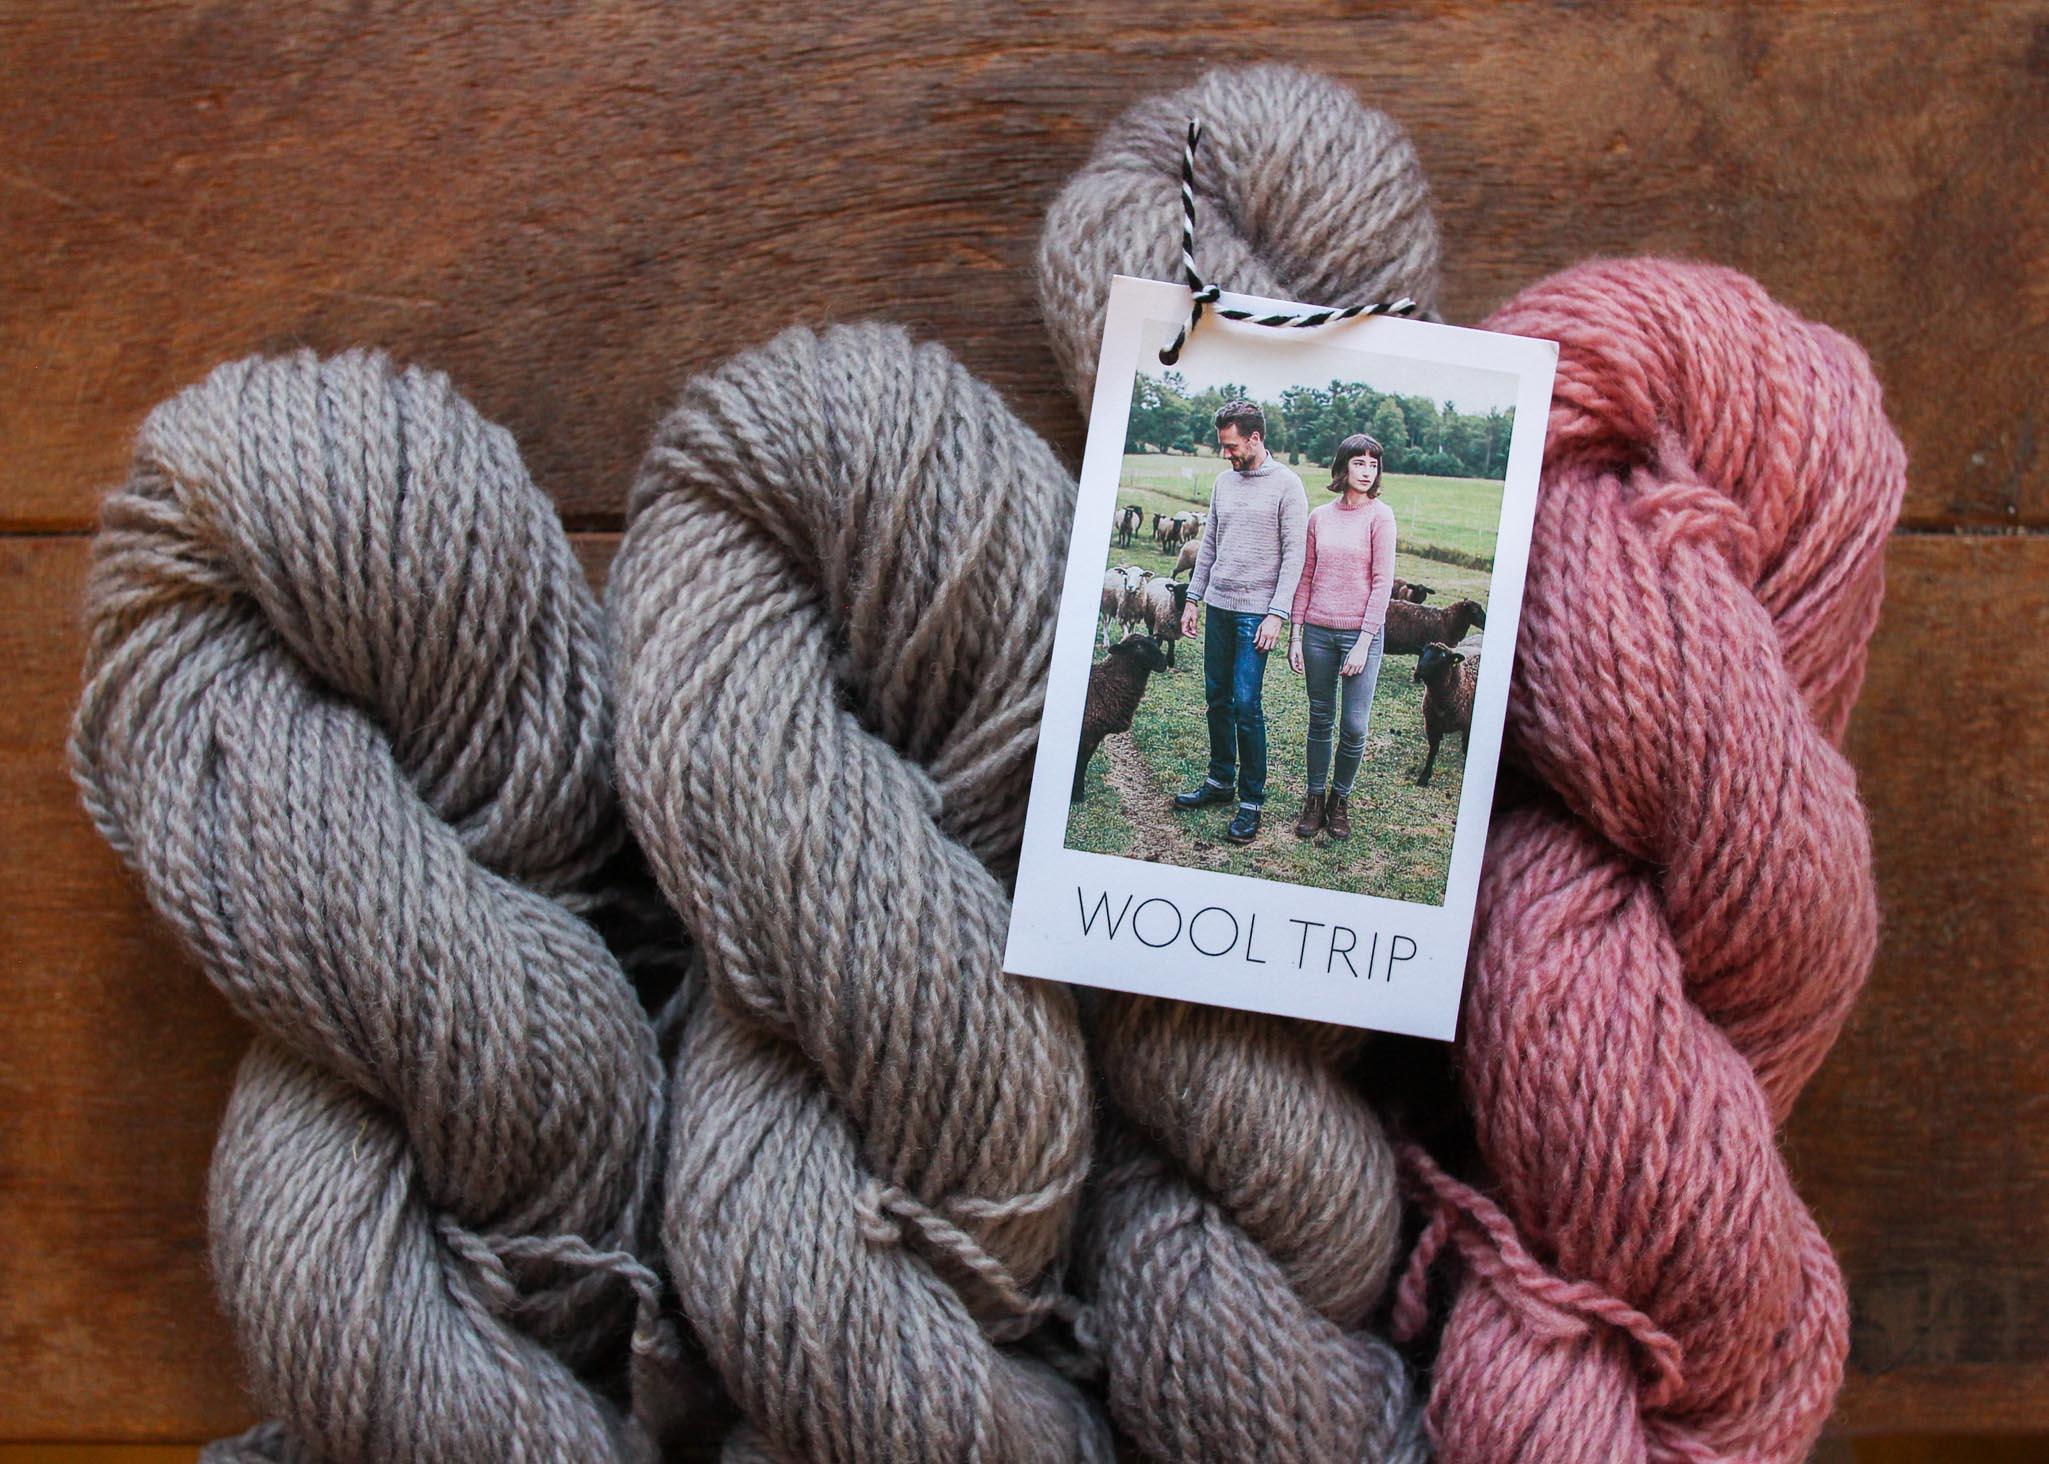 Wool Trip by Hannah Fettig